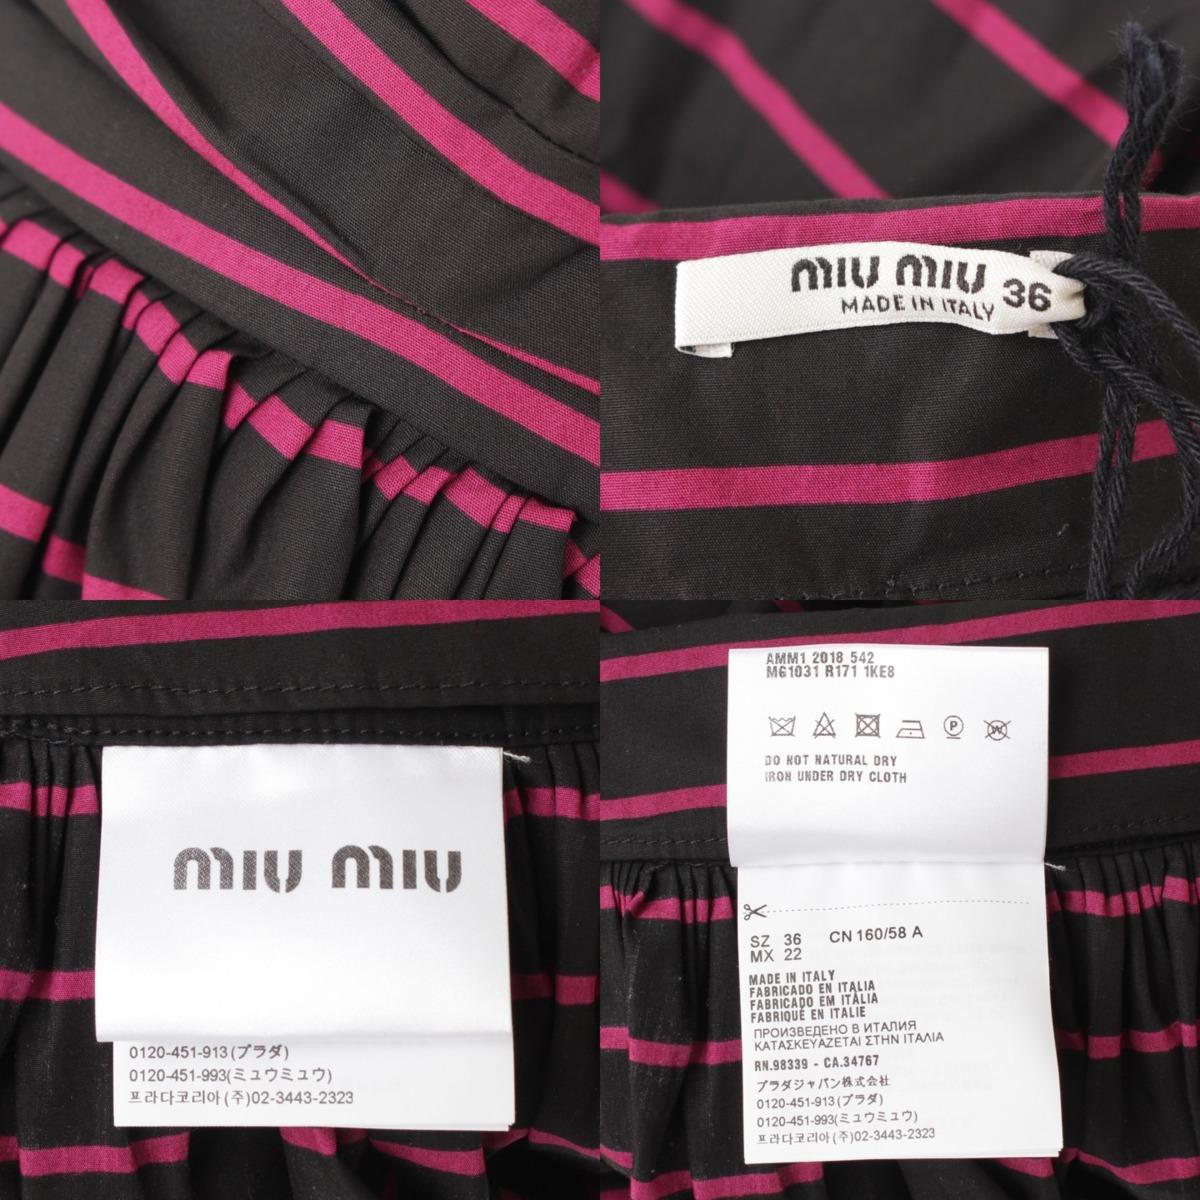 ミュウミュウ Miu Miu 2018 サイドリボン ボーダー スカート パープル×ブラック 36 未使用 鑑定済・正規品保証 6771054ALq3Rj